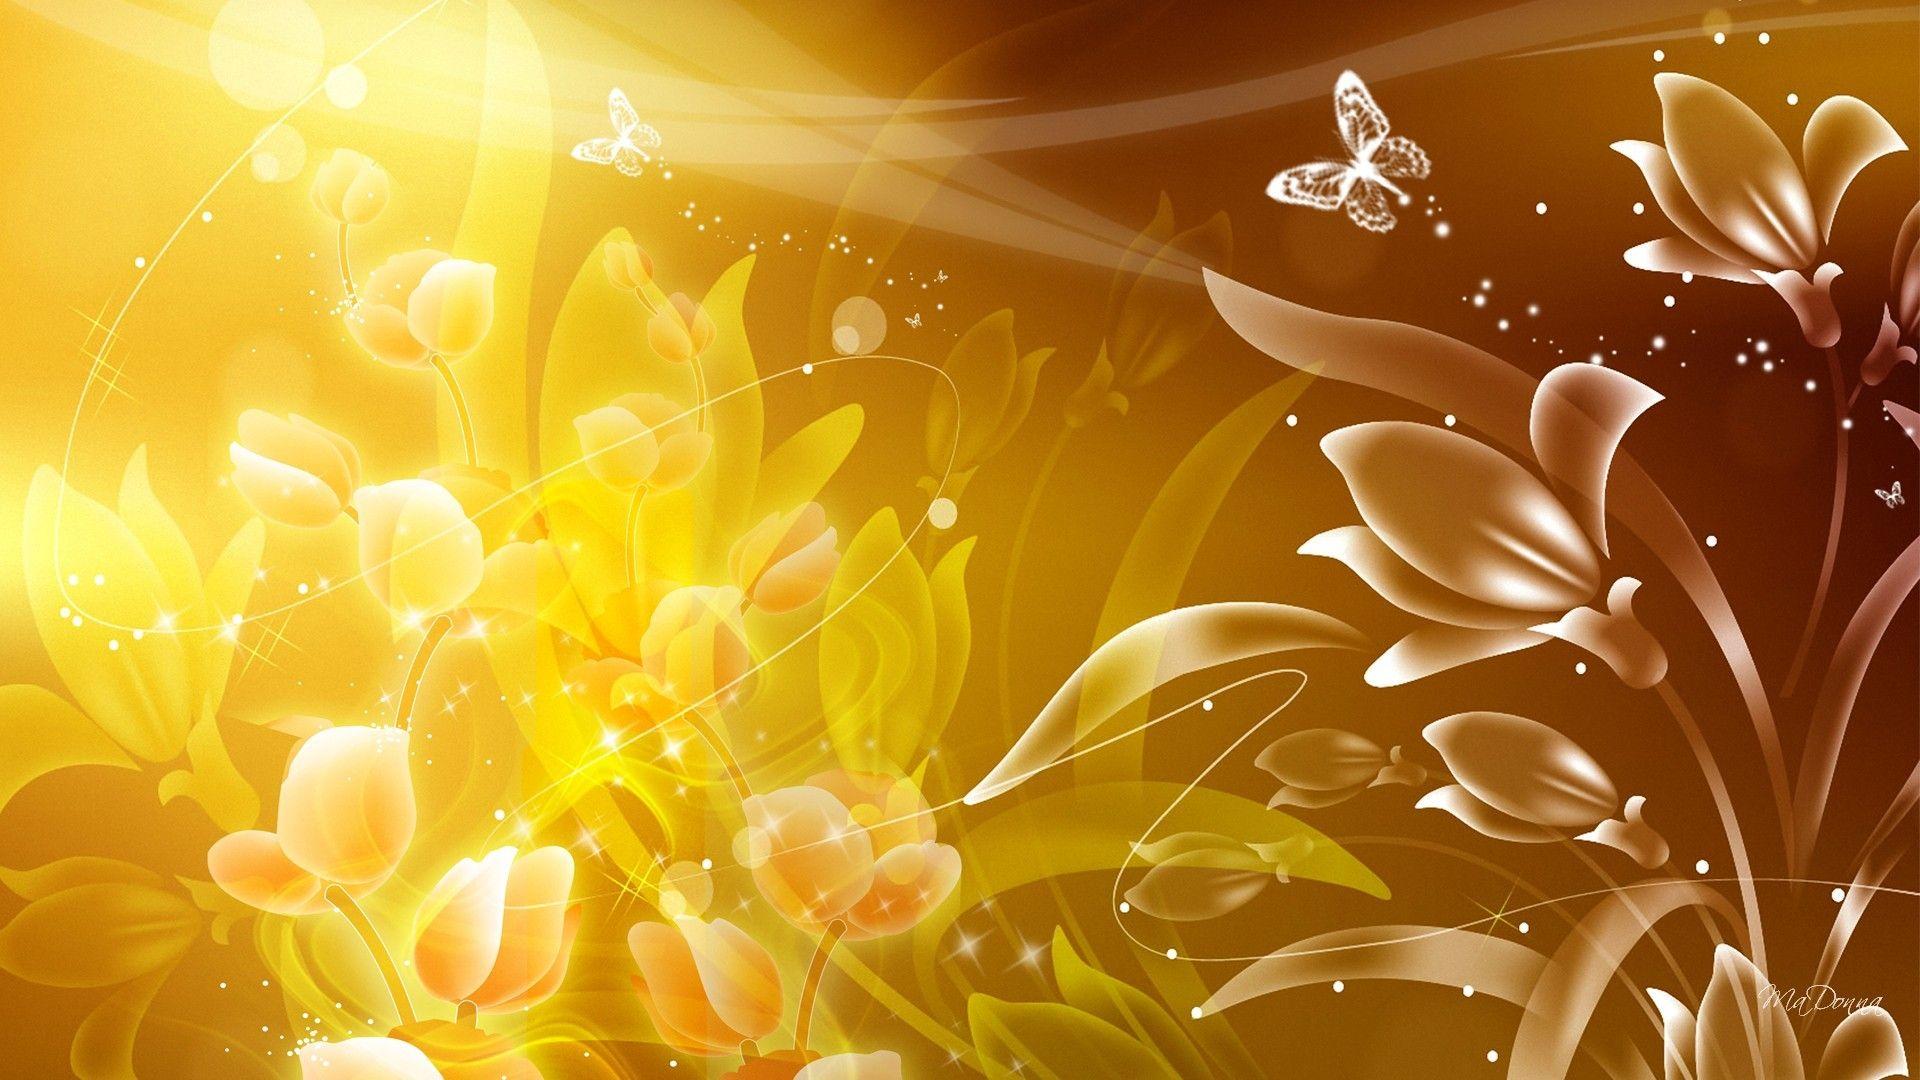 Desktop Wallpaper Gold Designs Best Hd Wallpapers Flower Background Wallpaper Gold Wallpaper Background Gold Yellow Wallpaper